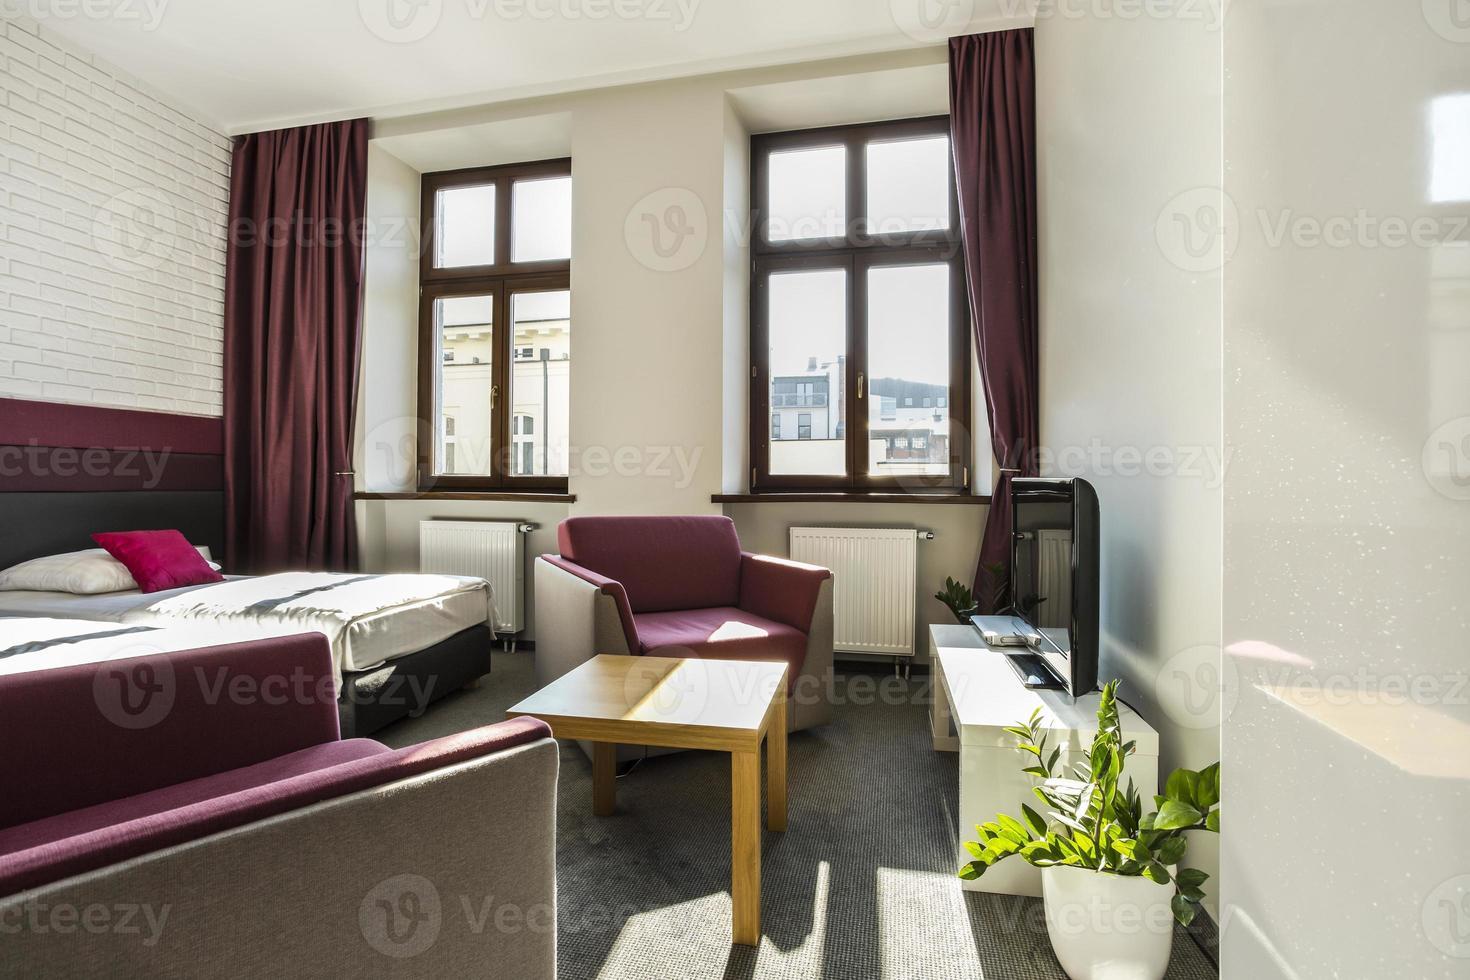 modernes Hotelzimmer mit violettem Thema foto